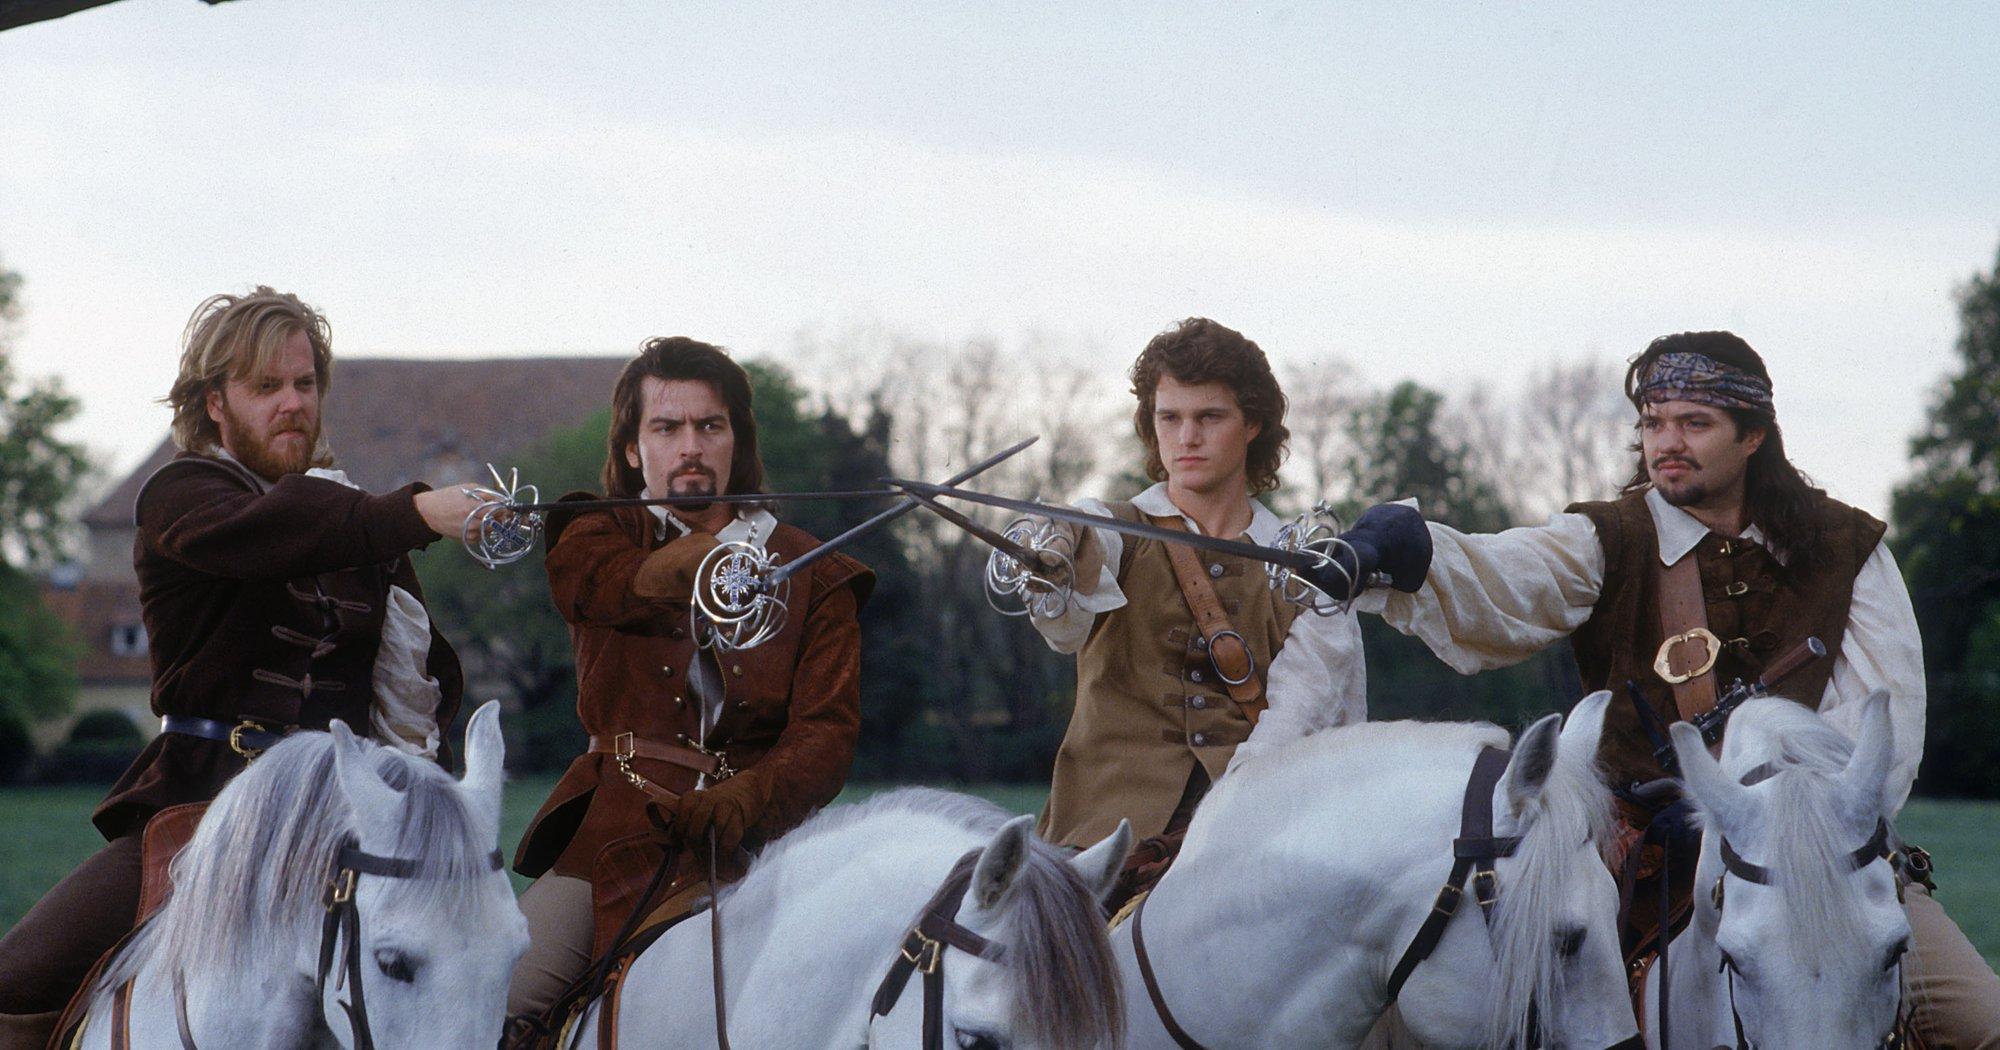 Три мушкетера ххх, Три мушкетера - порно версия » Лучшее бесплатное 28 фотография